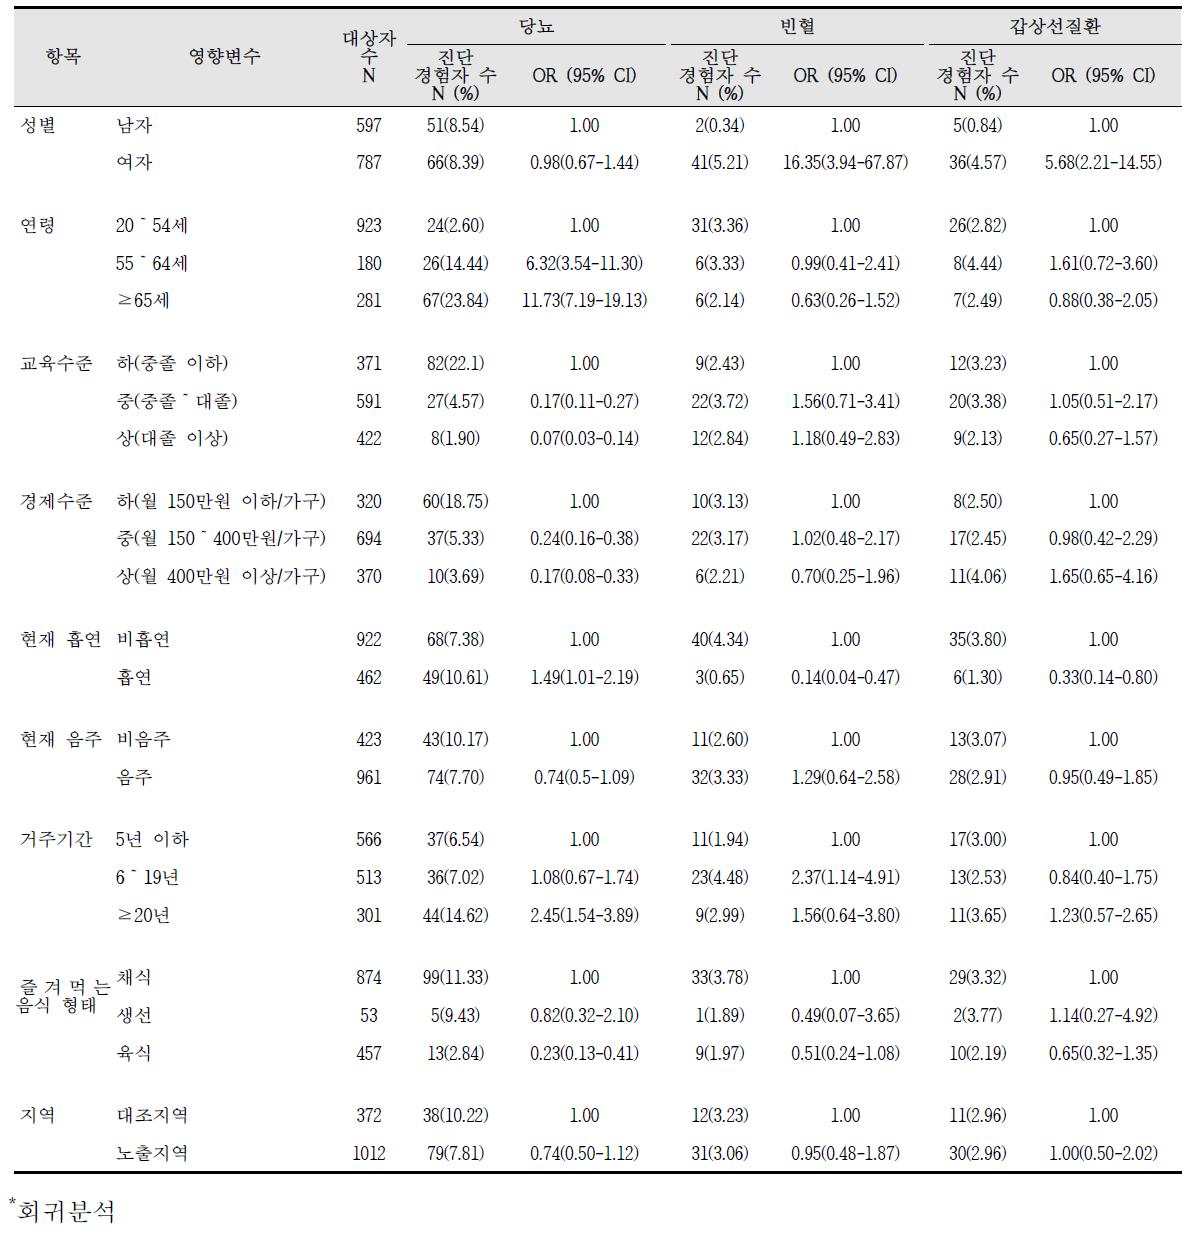 청주산업단지 만성질환 진단의 영향요인 분석 결과(2)